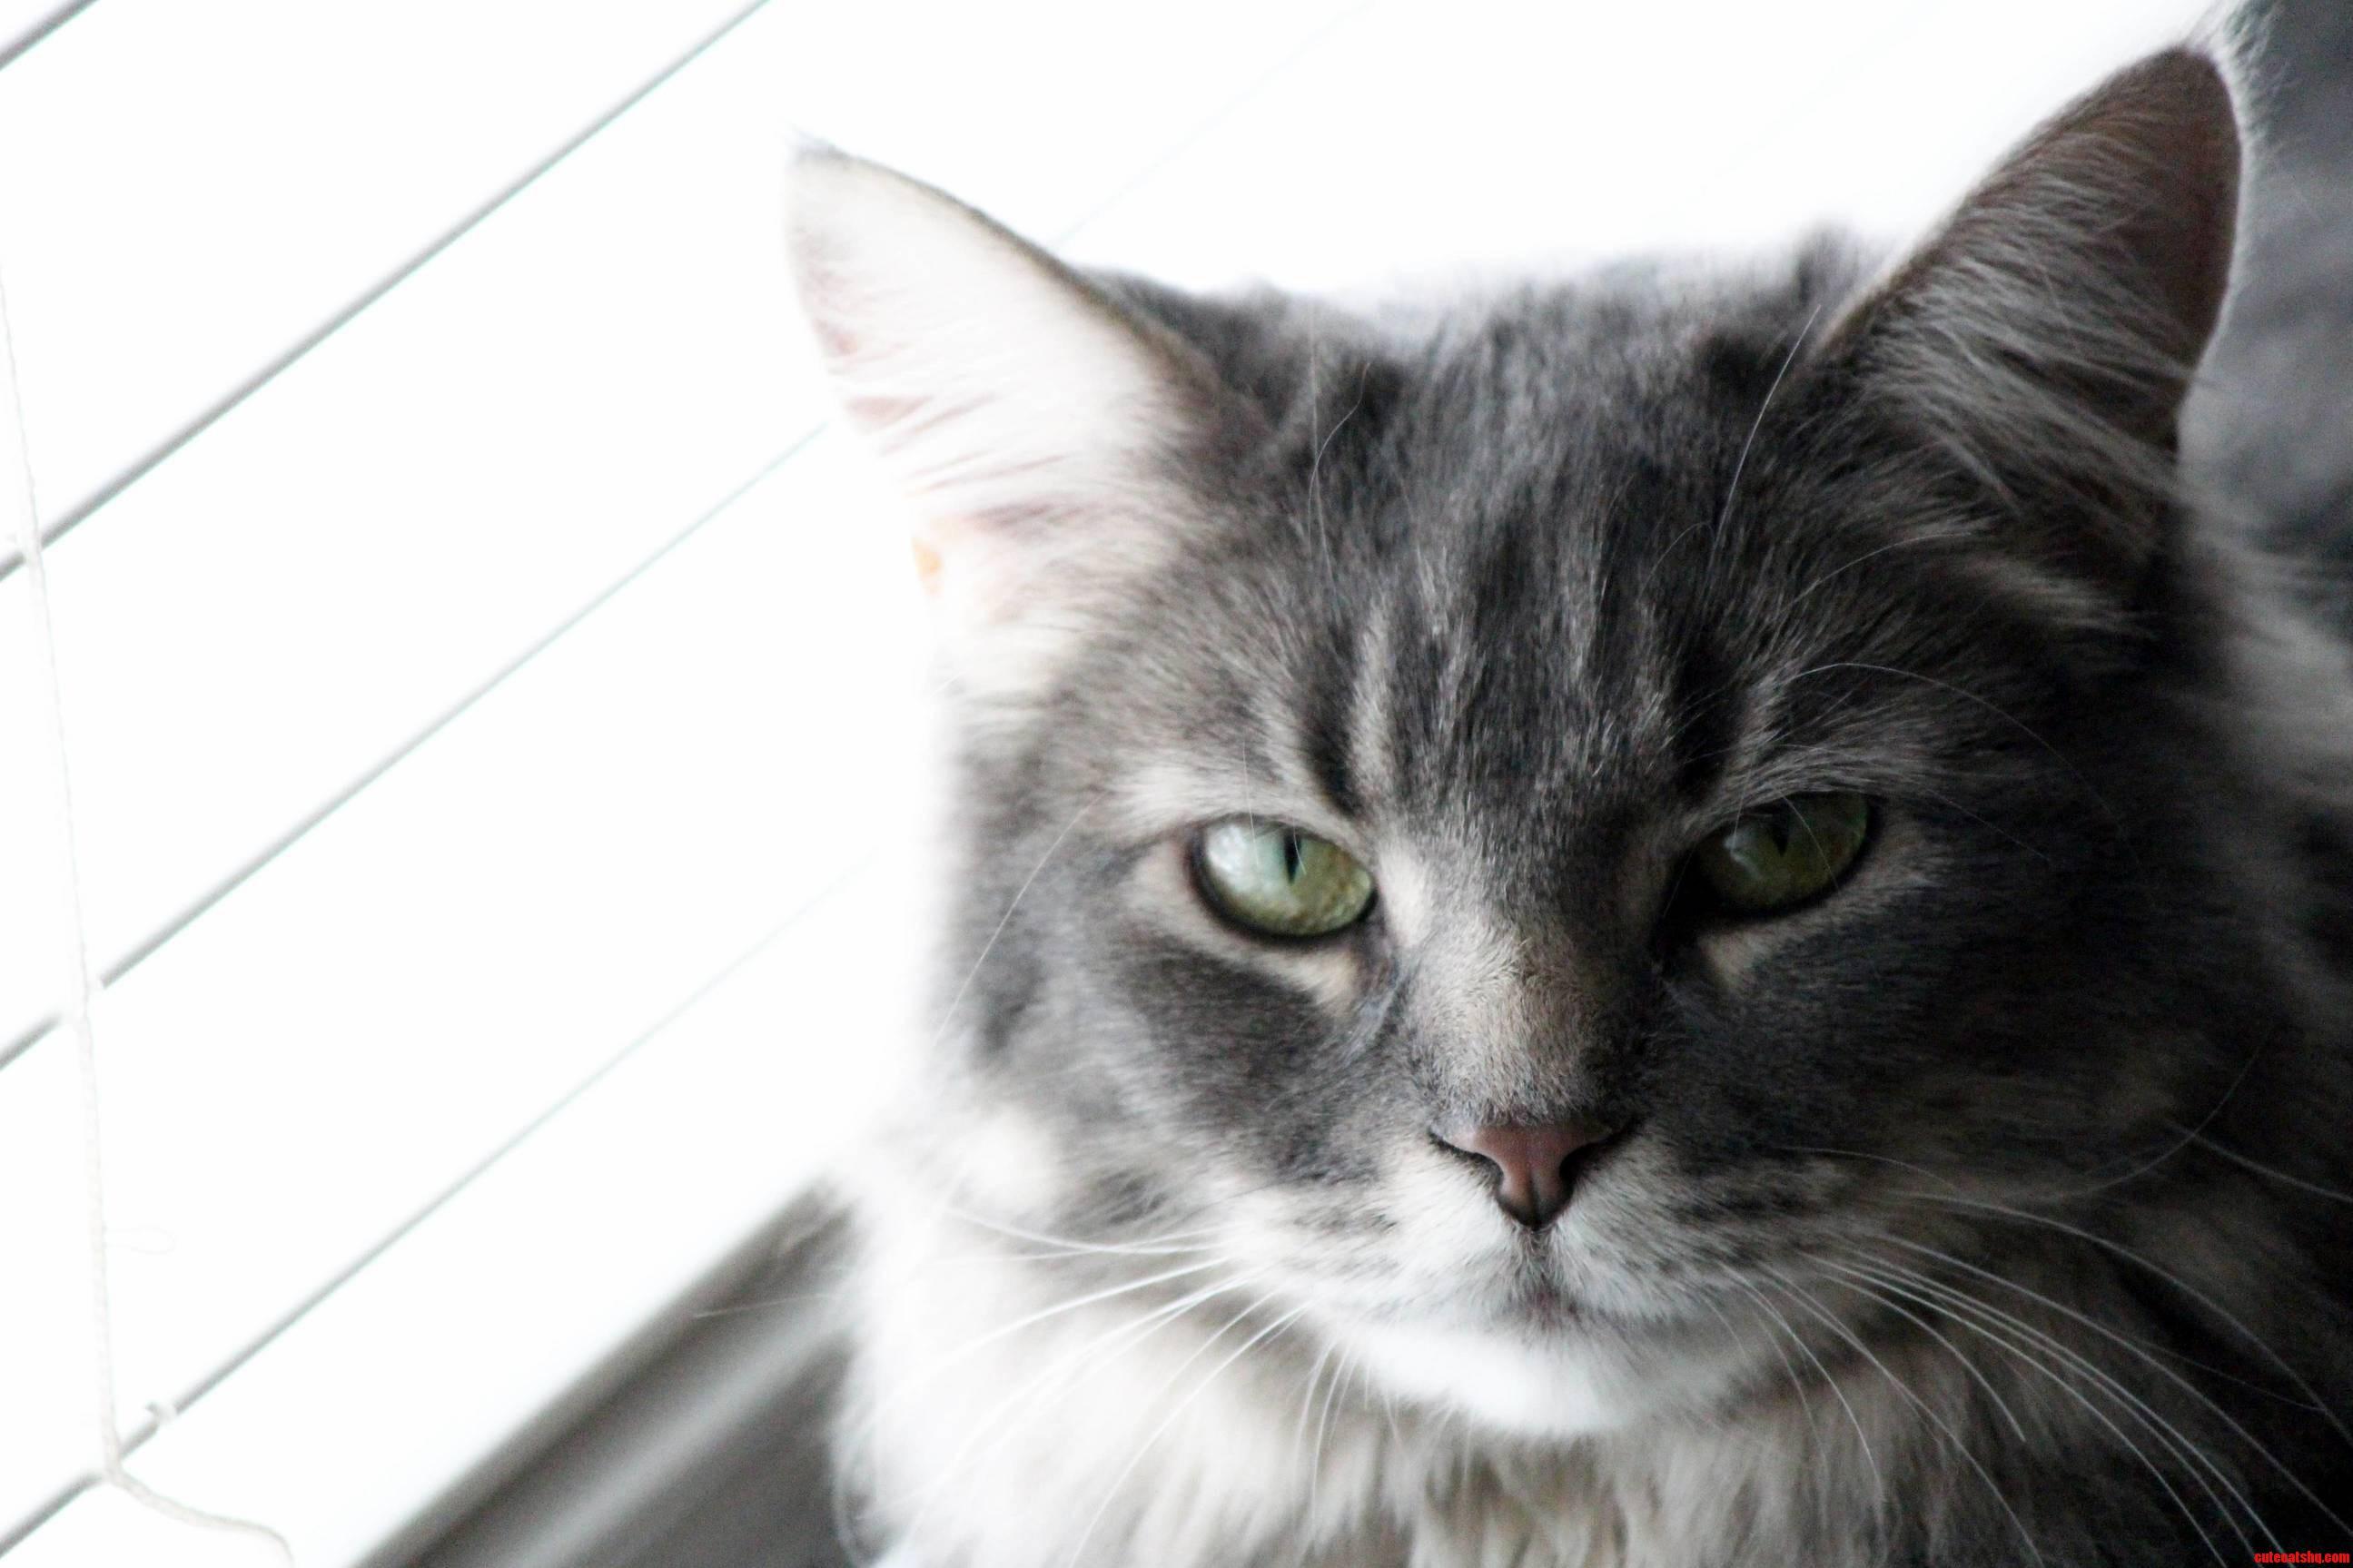 My cat scoutkiki looking judgmental as always